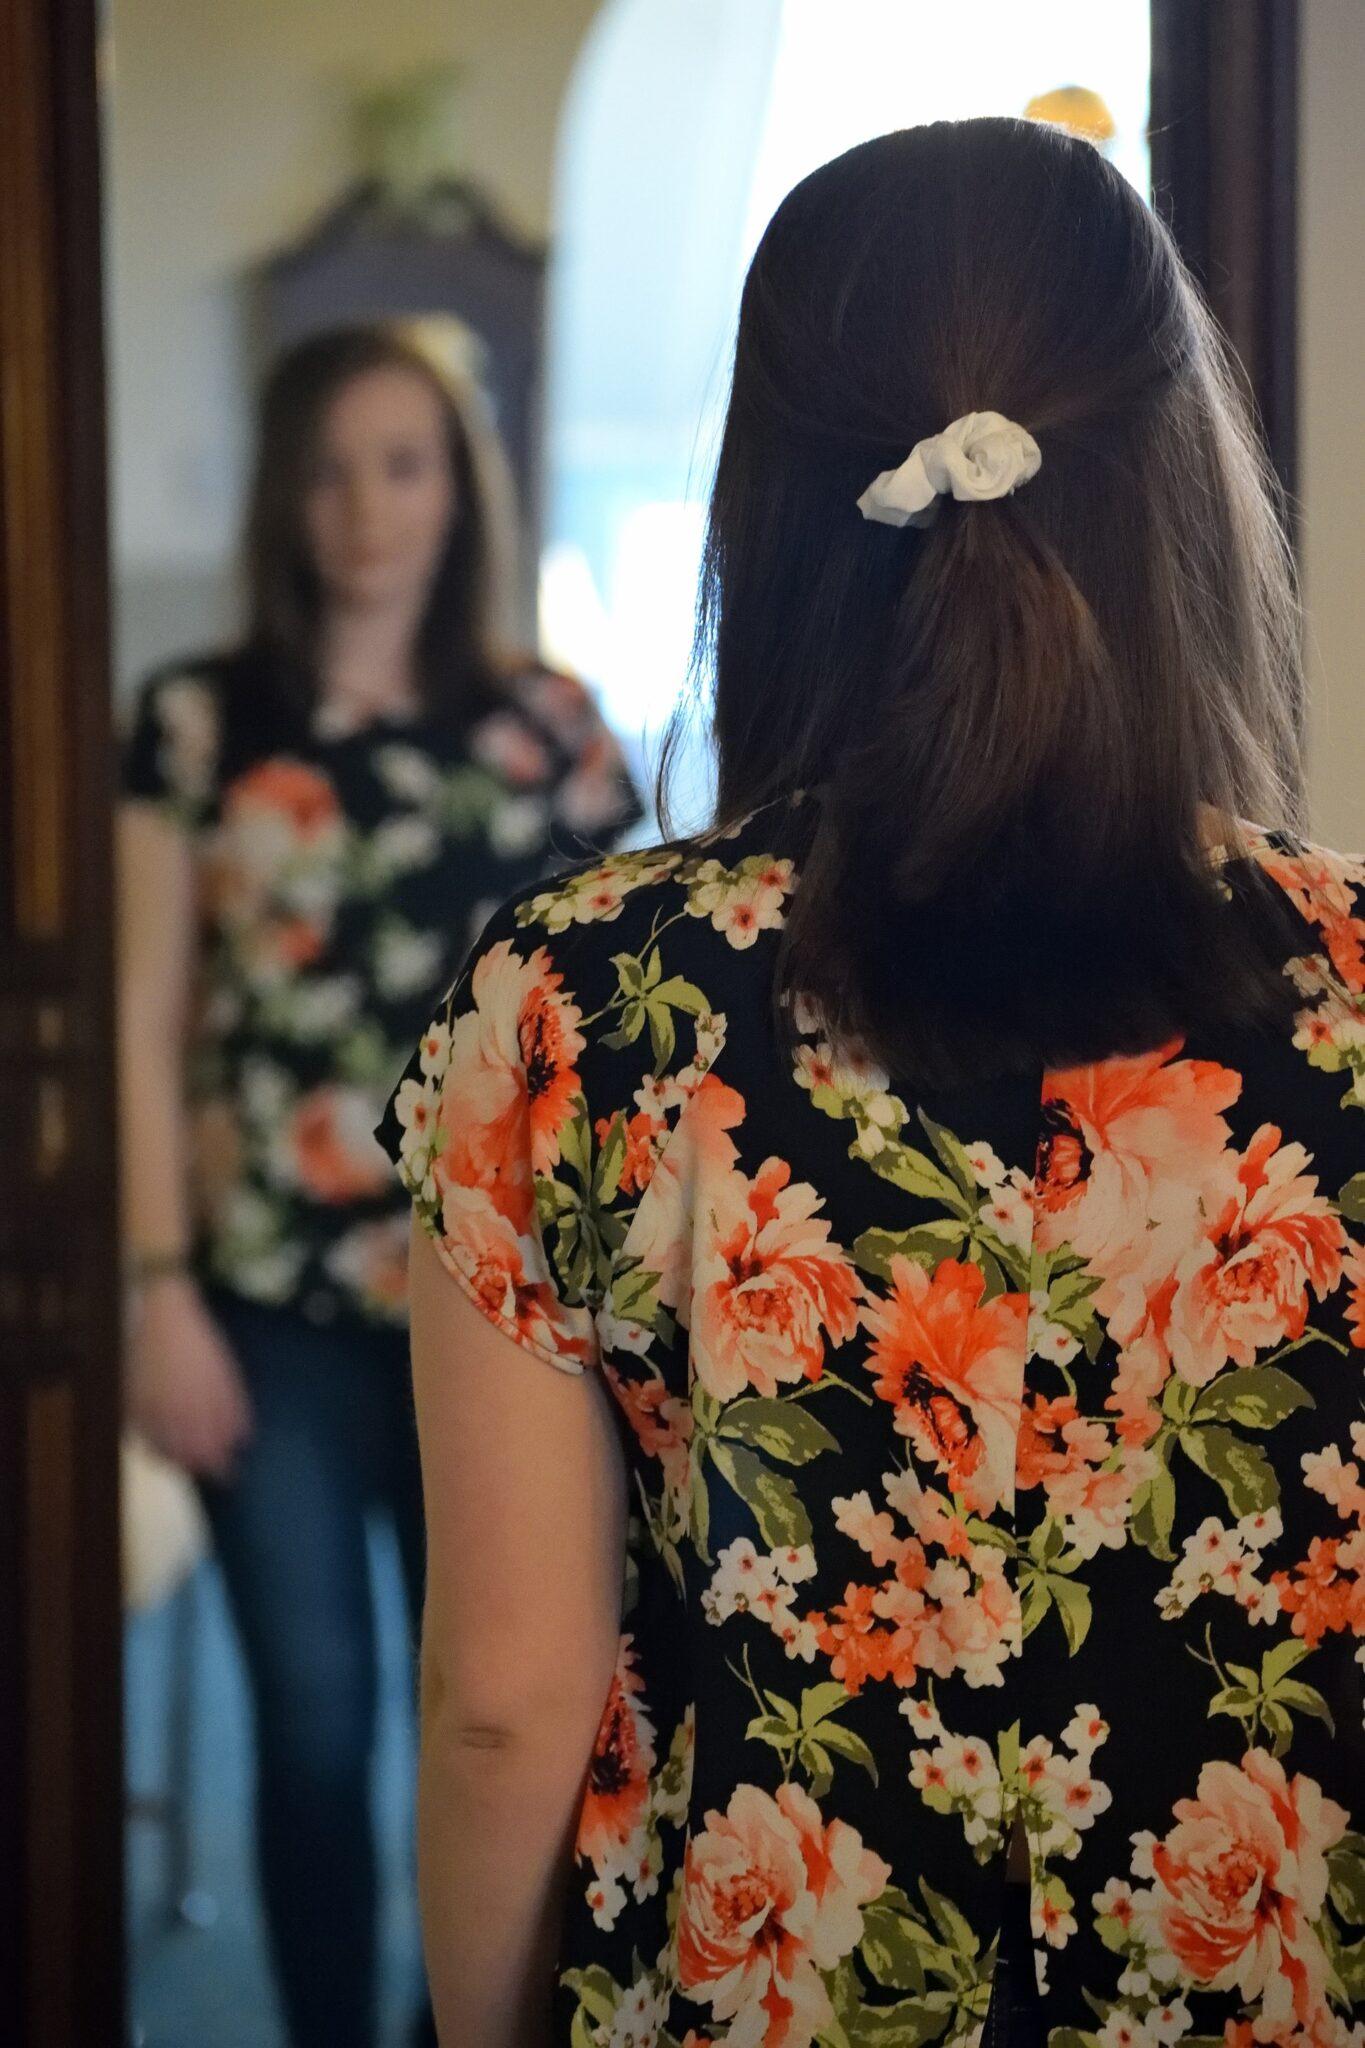 aria repeter prise de parole exercice devant un miroir obseques discours enterrement